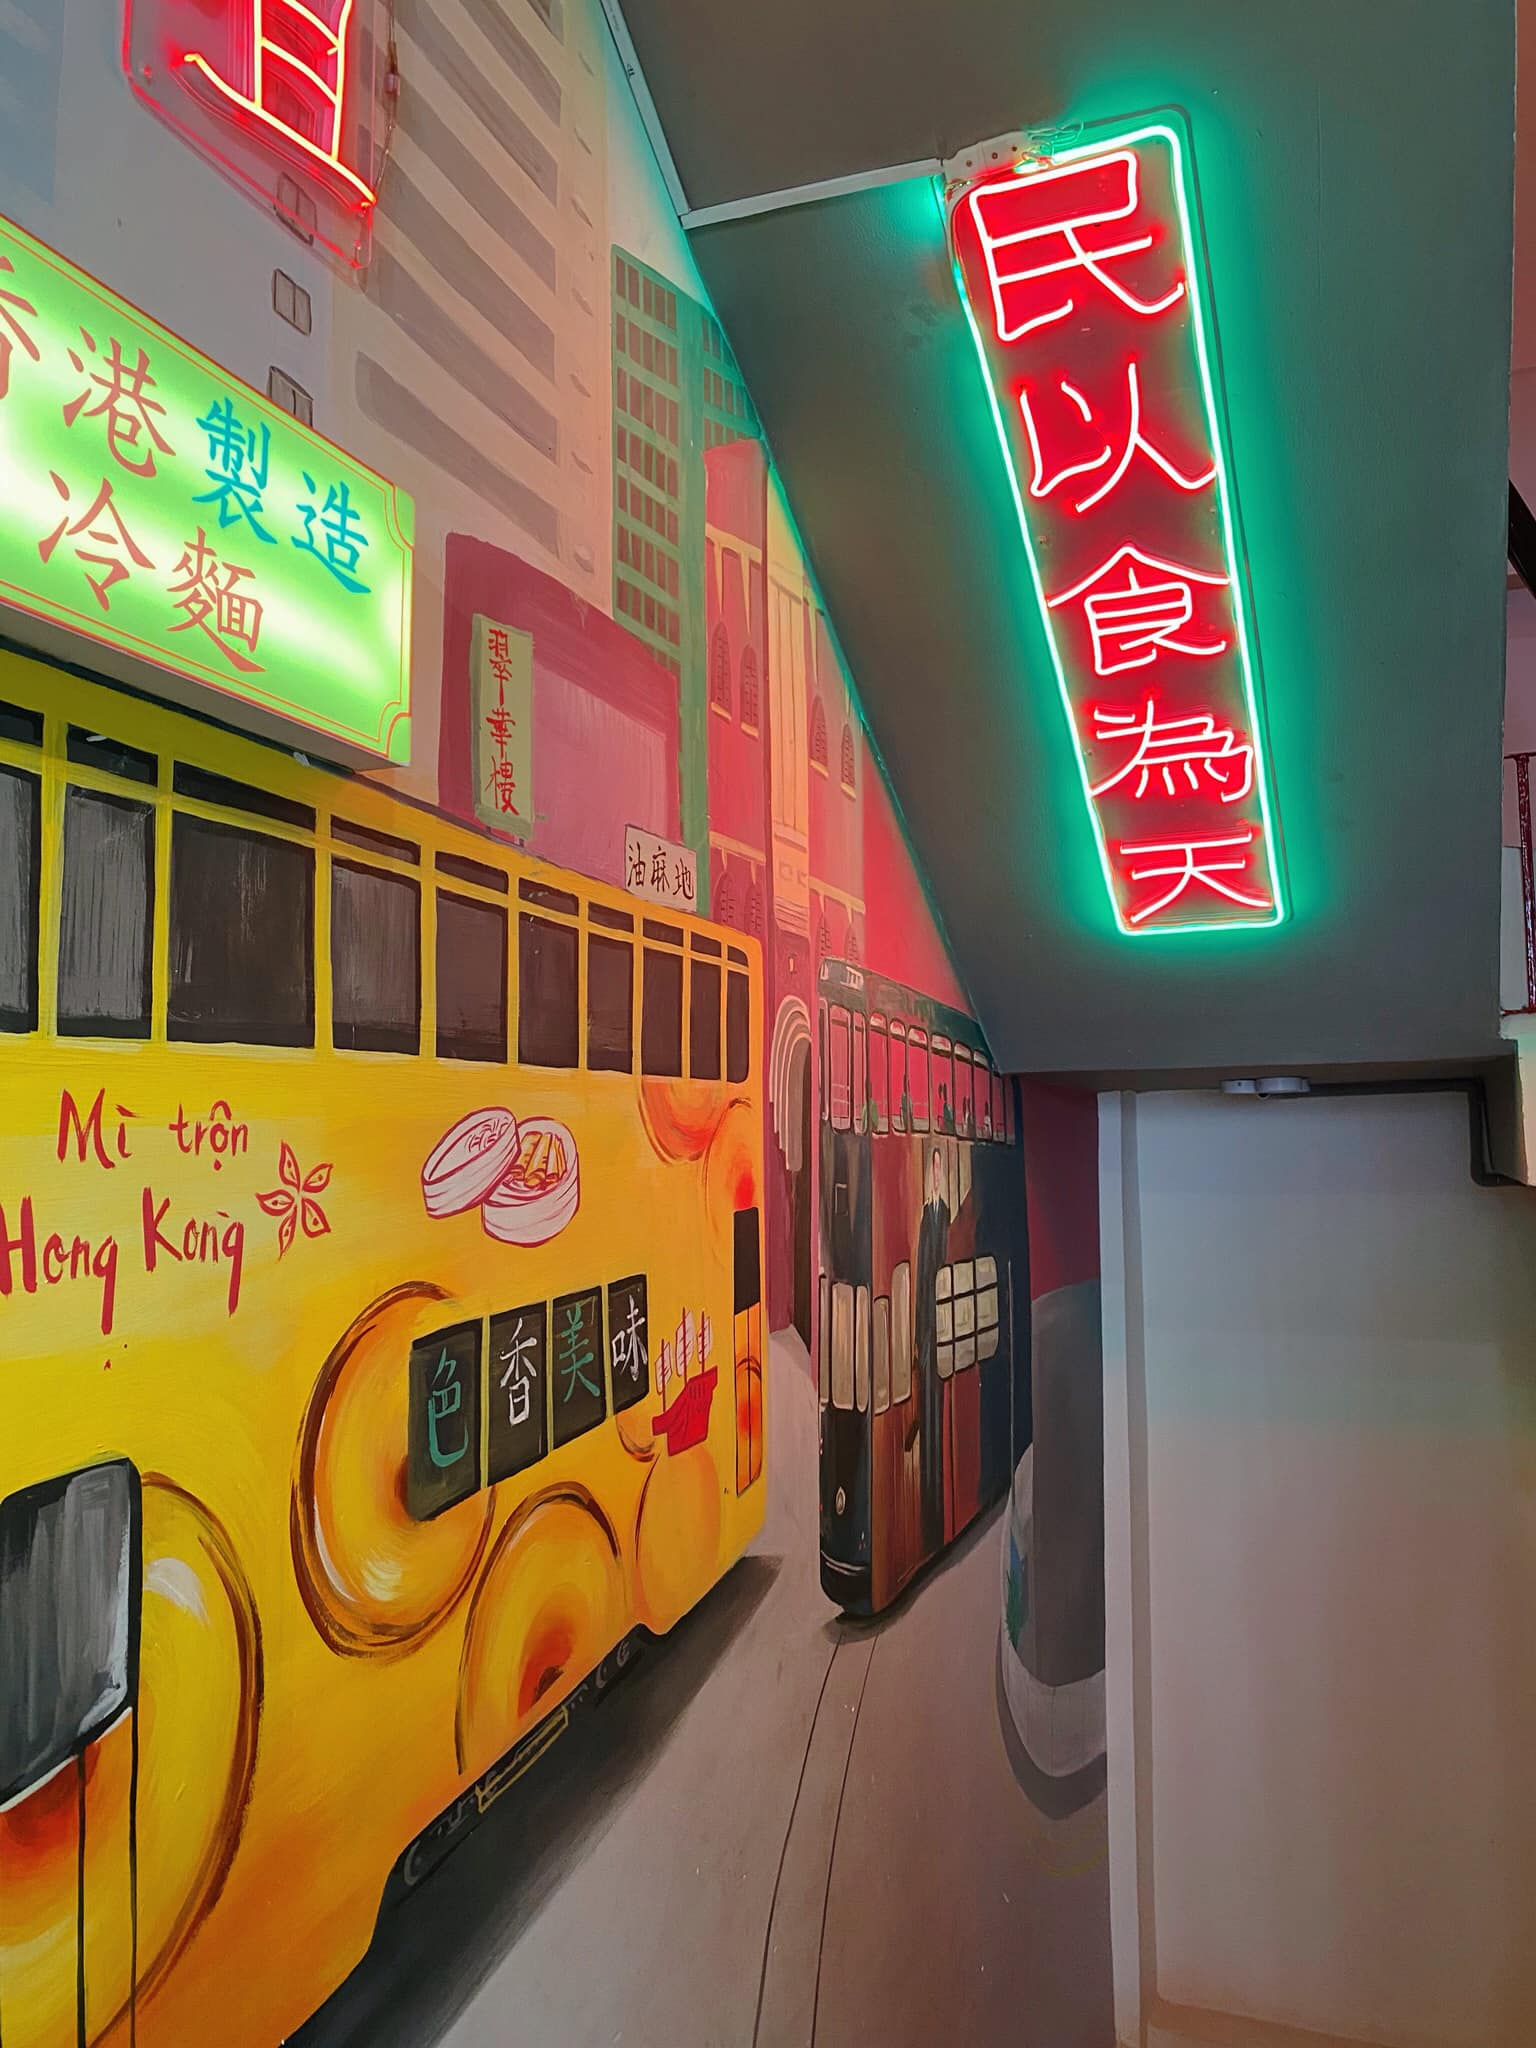 Mì trộn Hongkong Quận 3 - Hongkong 1980 Lê Văn Sỹ